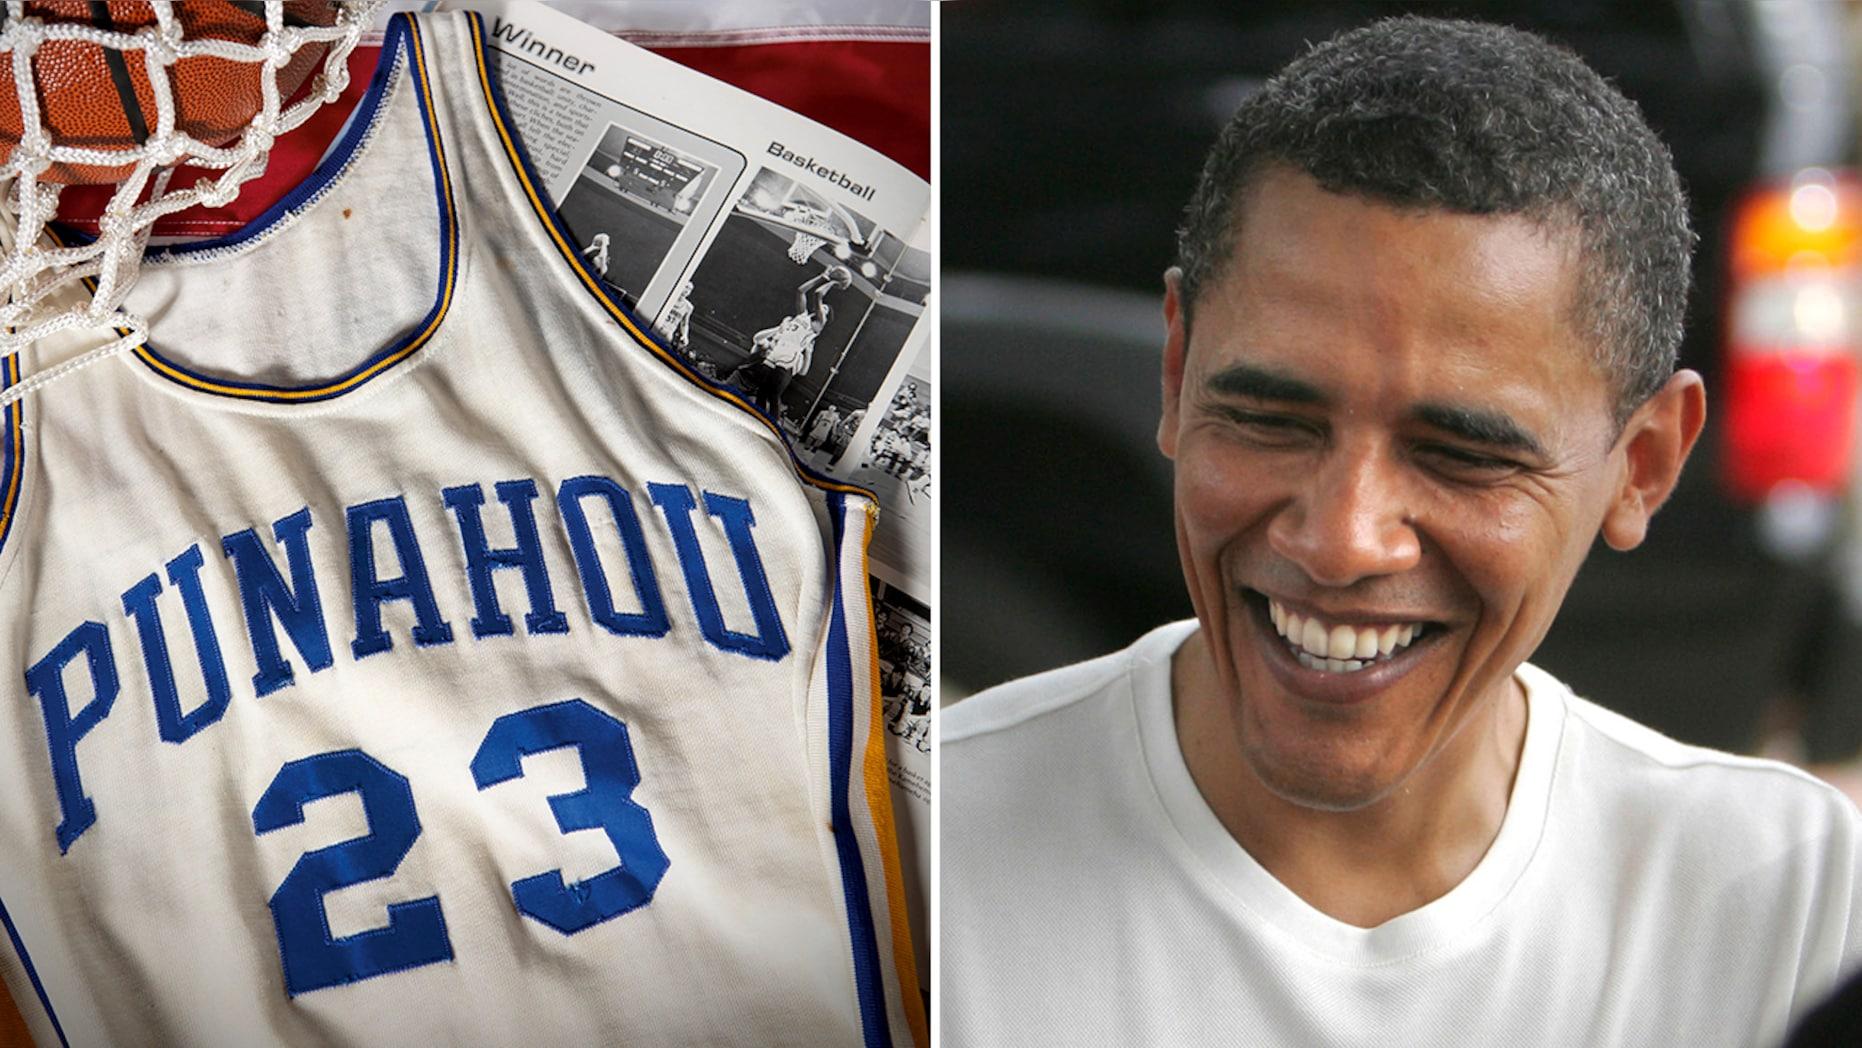 奥巴马高中时代球衣破『拍卖』纪录 【以近】20'万'美元成交 第1张